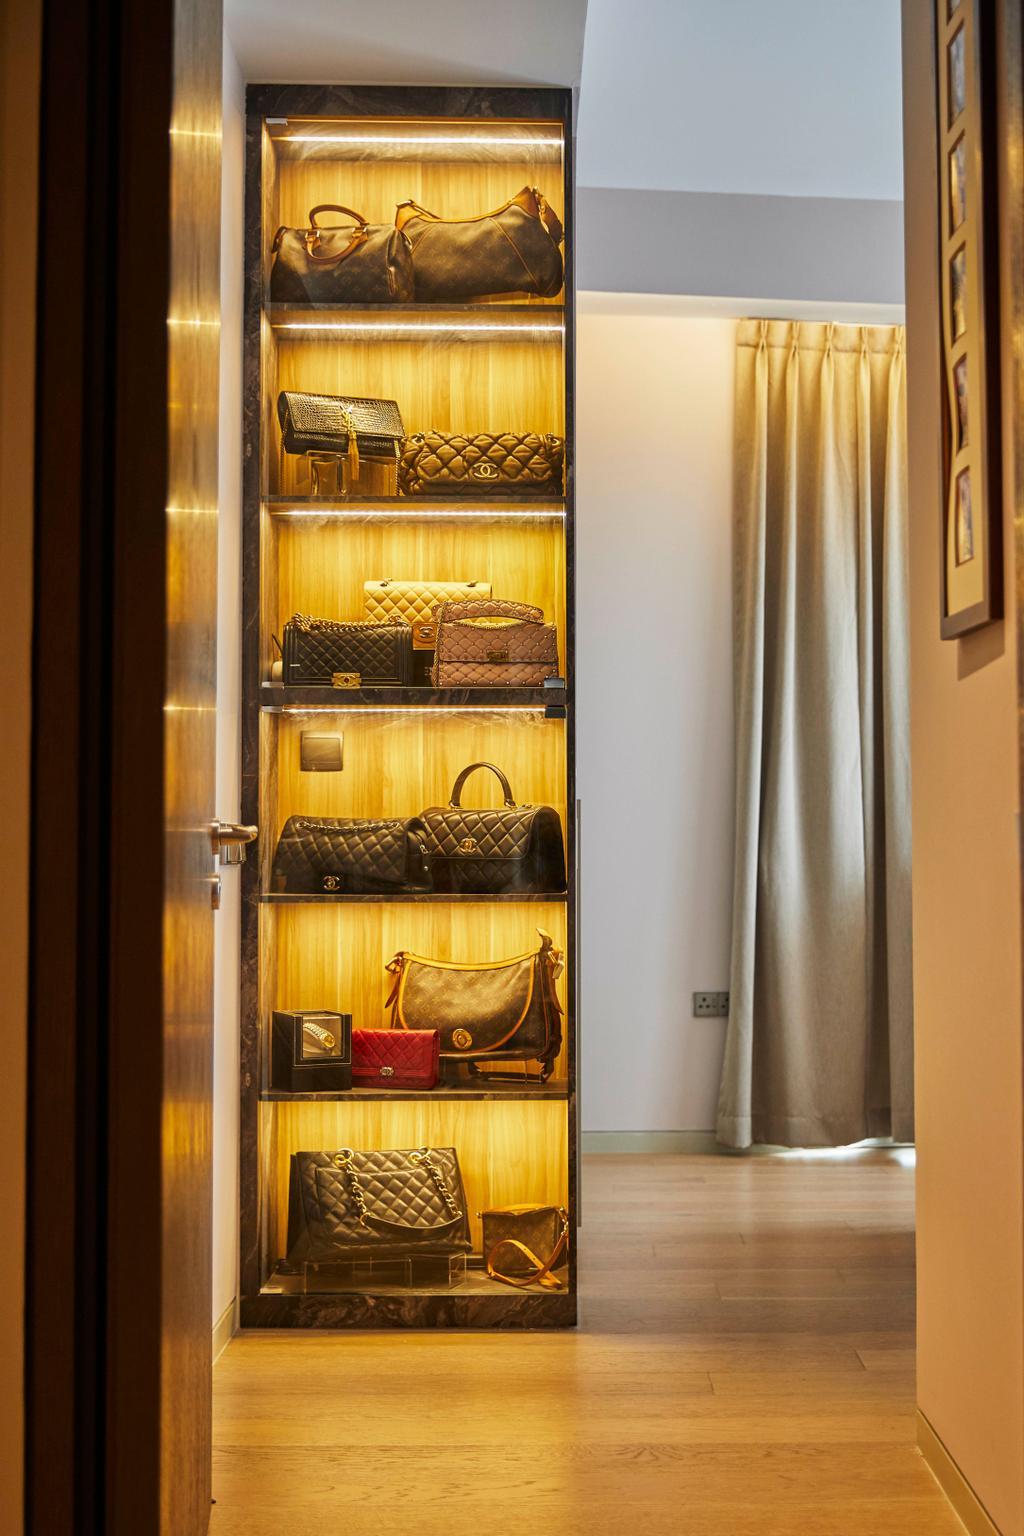 Contemporary, Condo, Bedroom, Corals at Keppel Bay, Interior Designer, PRDT Interiors, Wardrobe, Walk In Wardrobe, Bags, Display, Collectibles